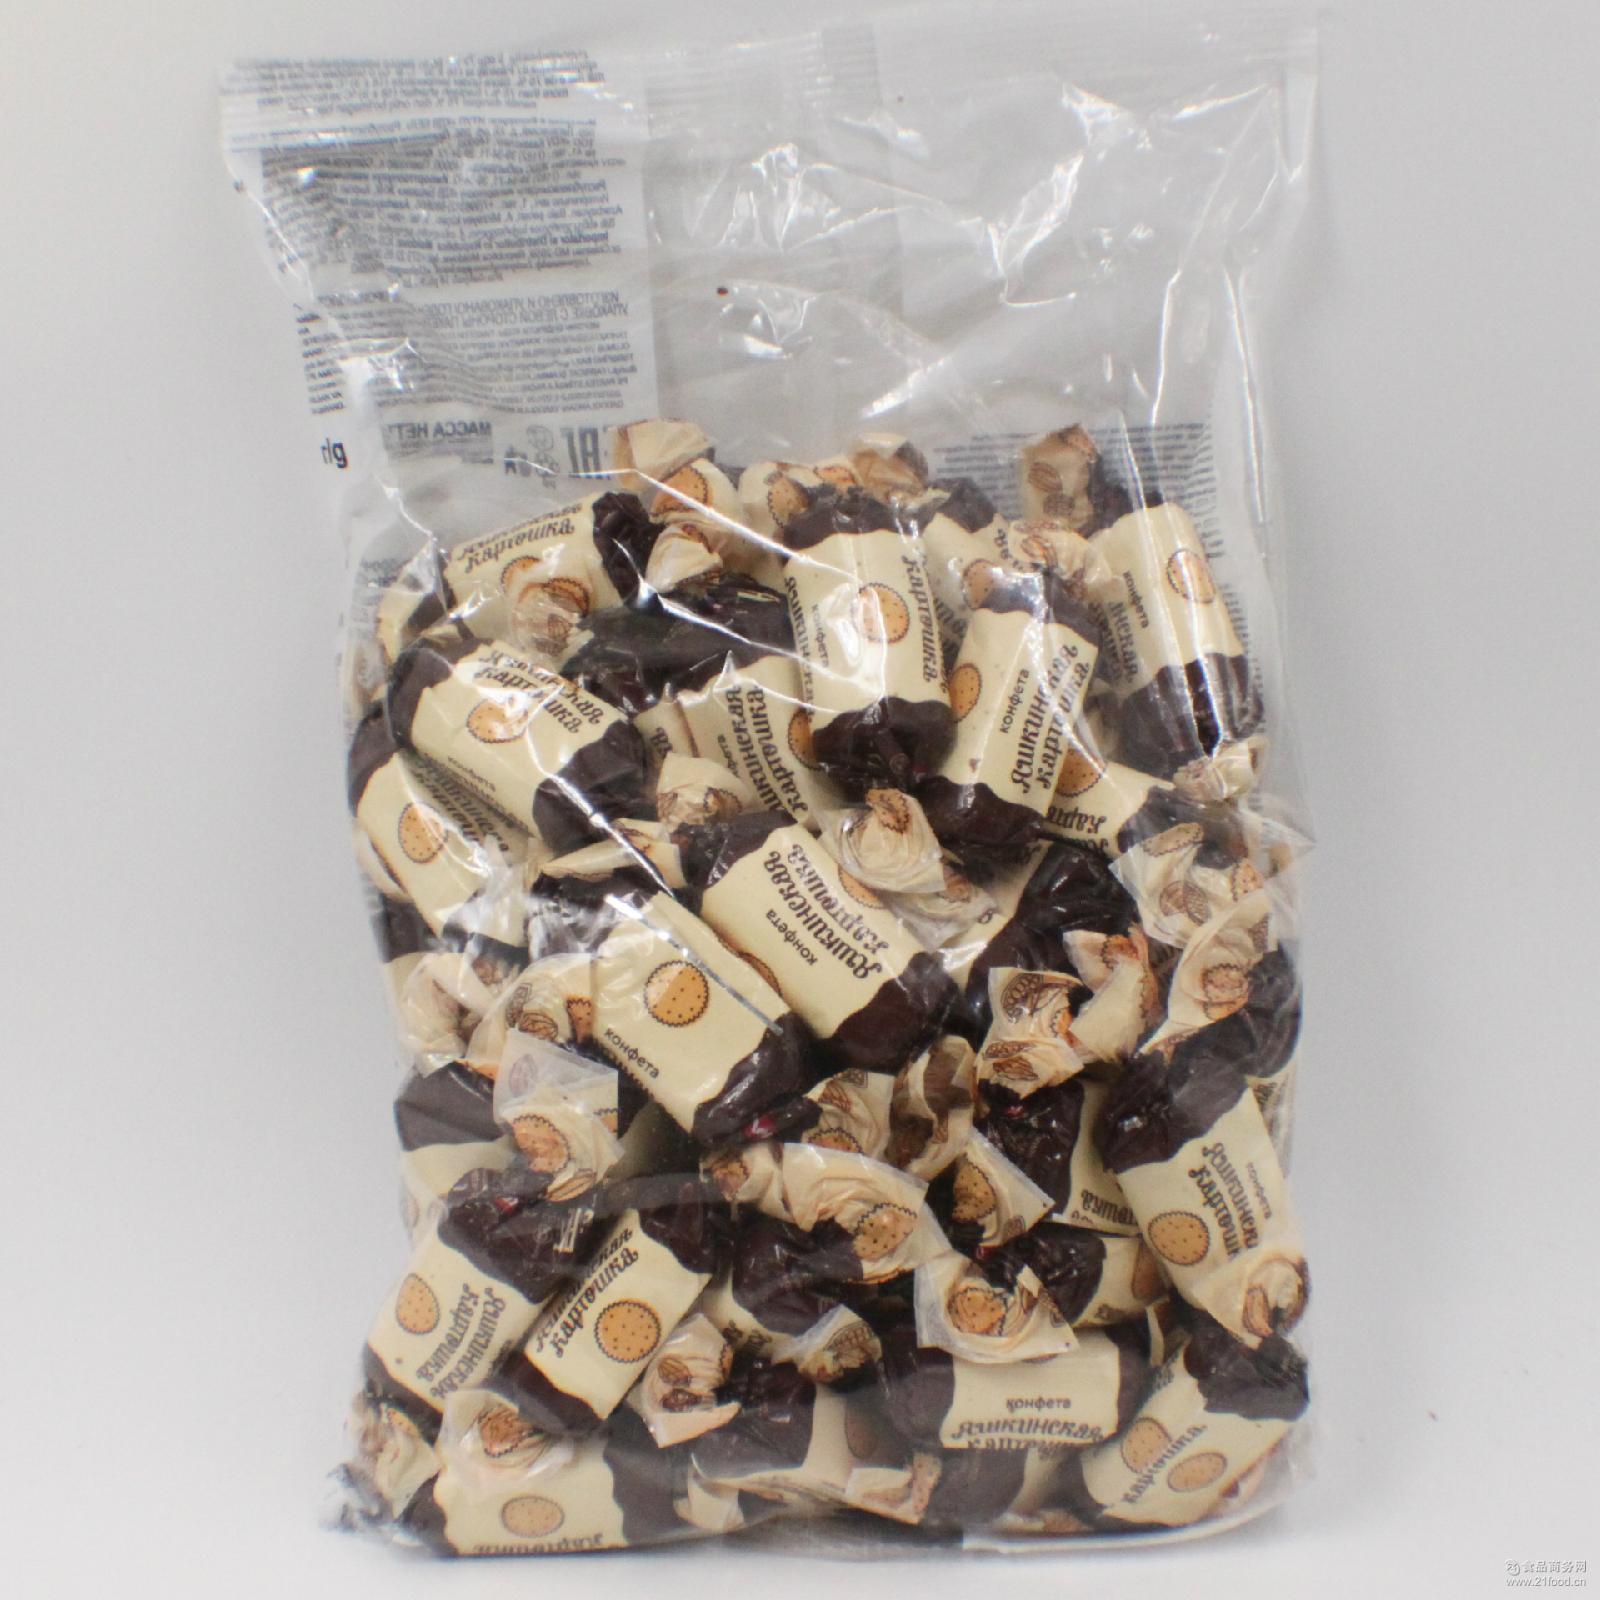 俄罗斯进口糖果KDV土豆泥糖 松露巧克力糖休闲零食1000g批发